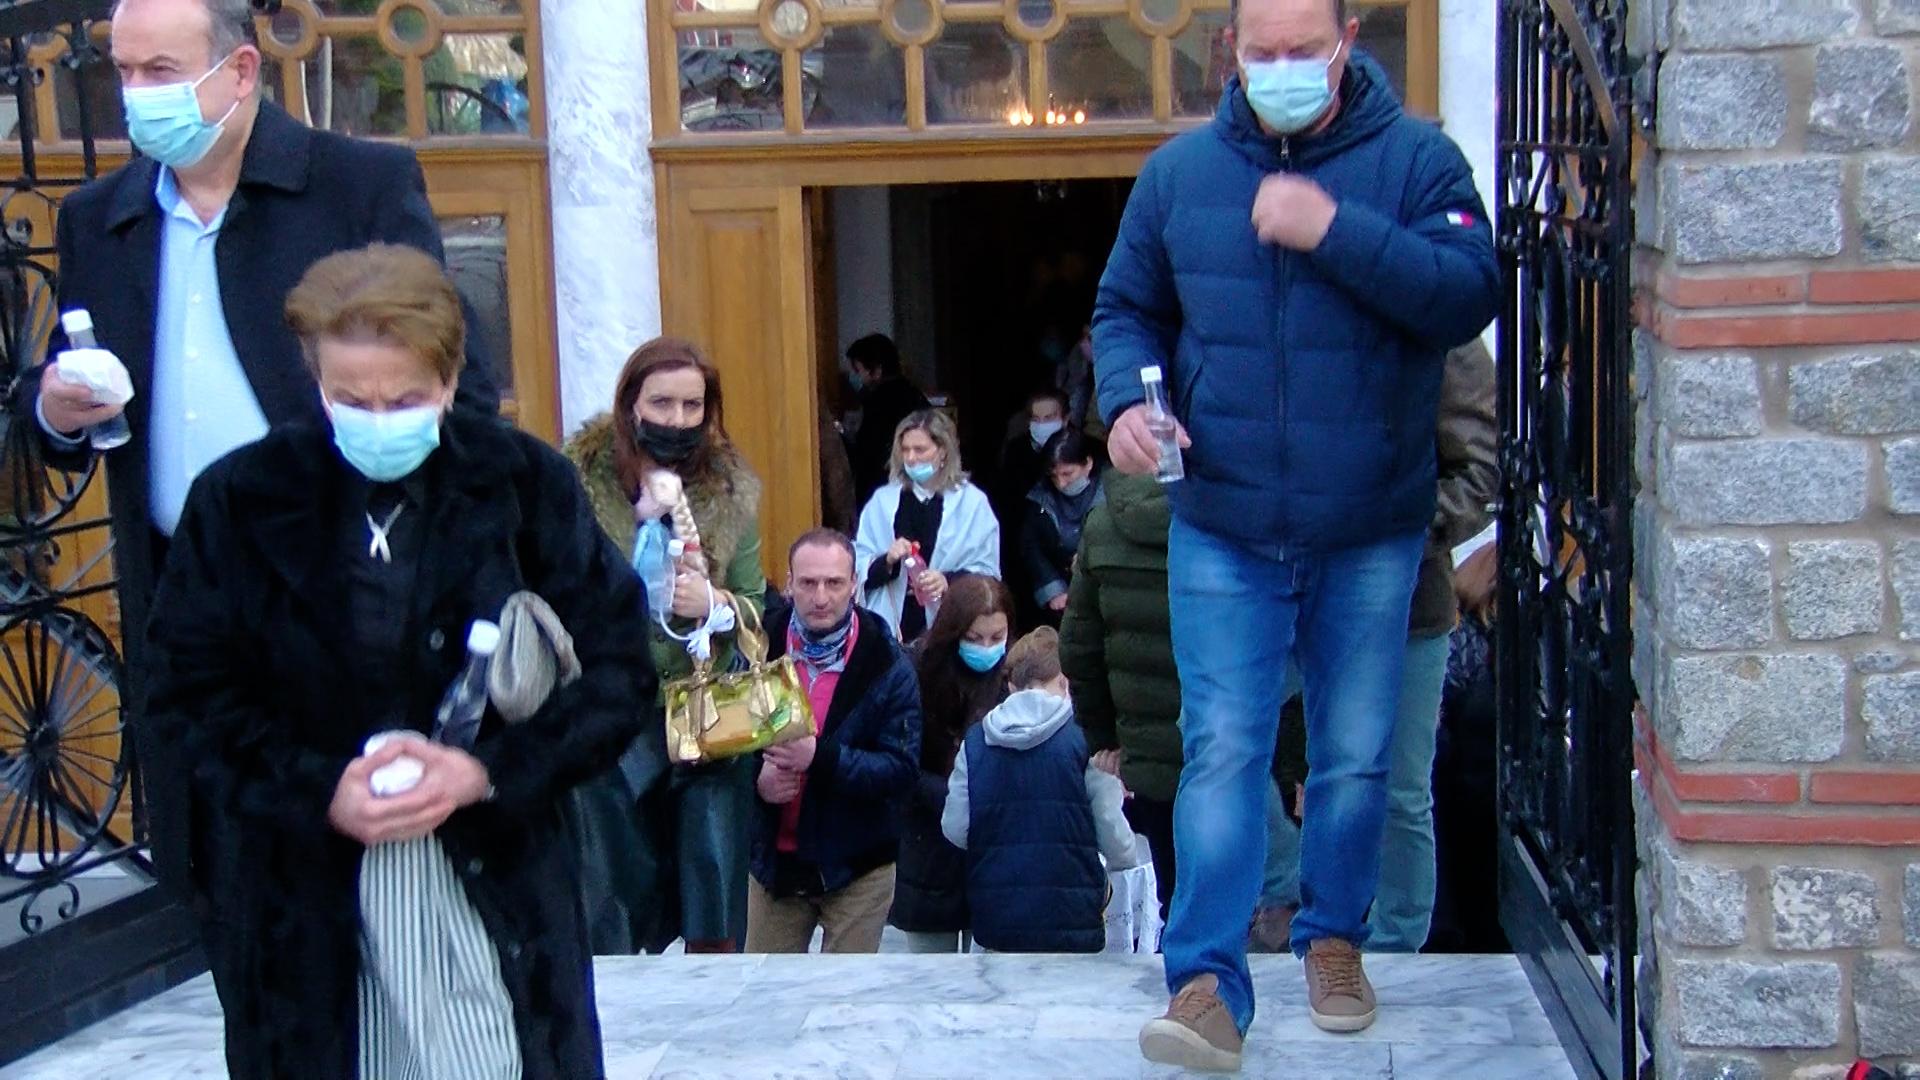 Ξάνθη: Θεοφάνεια με ρίψη του Σταυρού μέσα στη Μητρόπολη